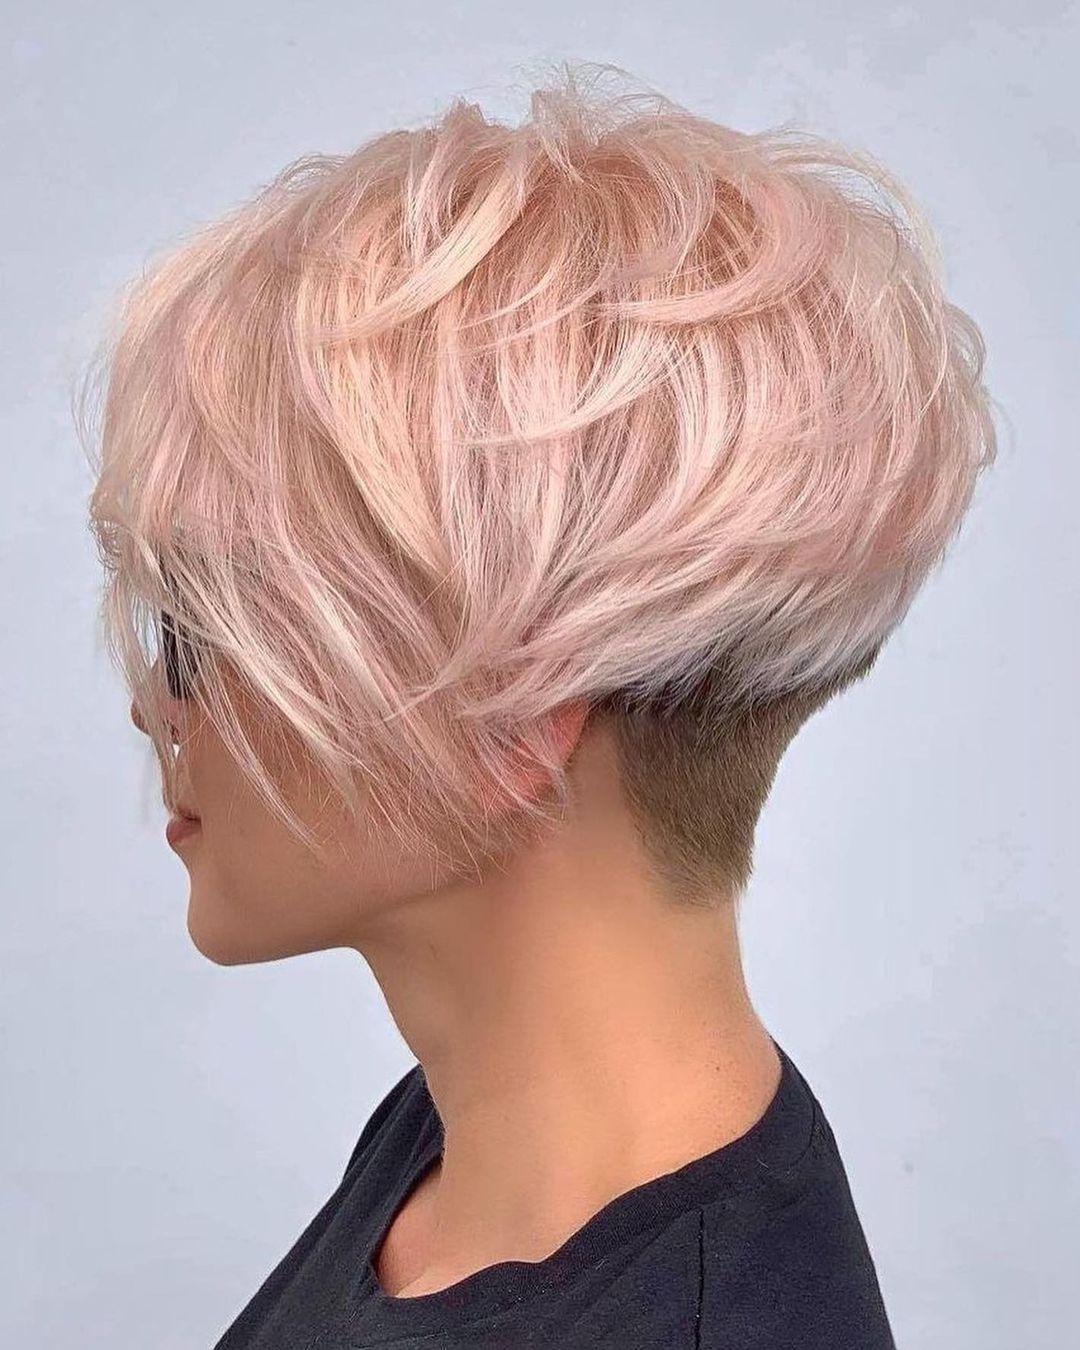 Female Pixie Haircut Designs - Cute Very Short Hairstyles